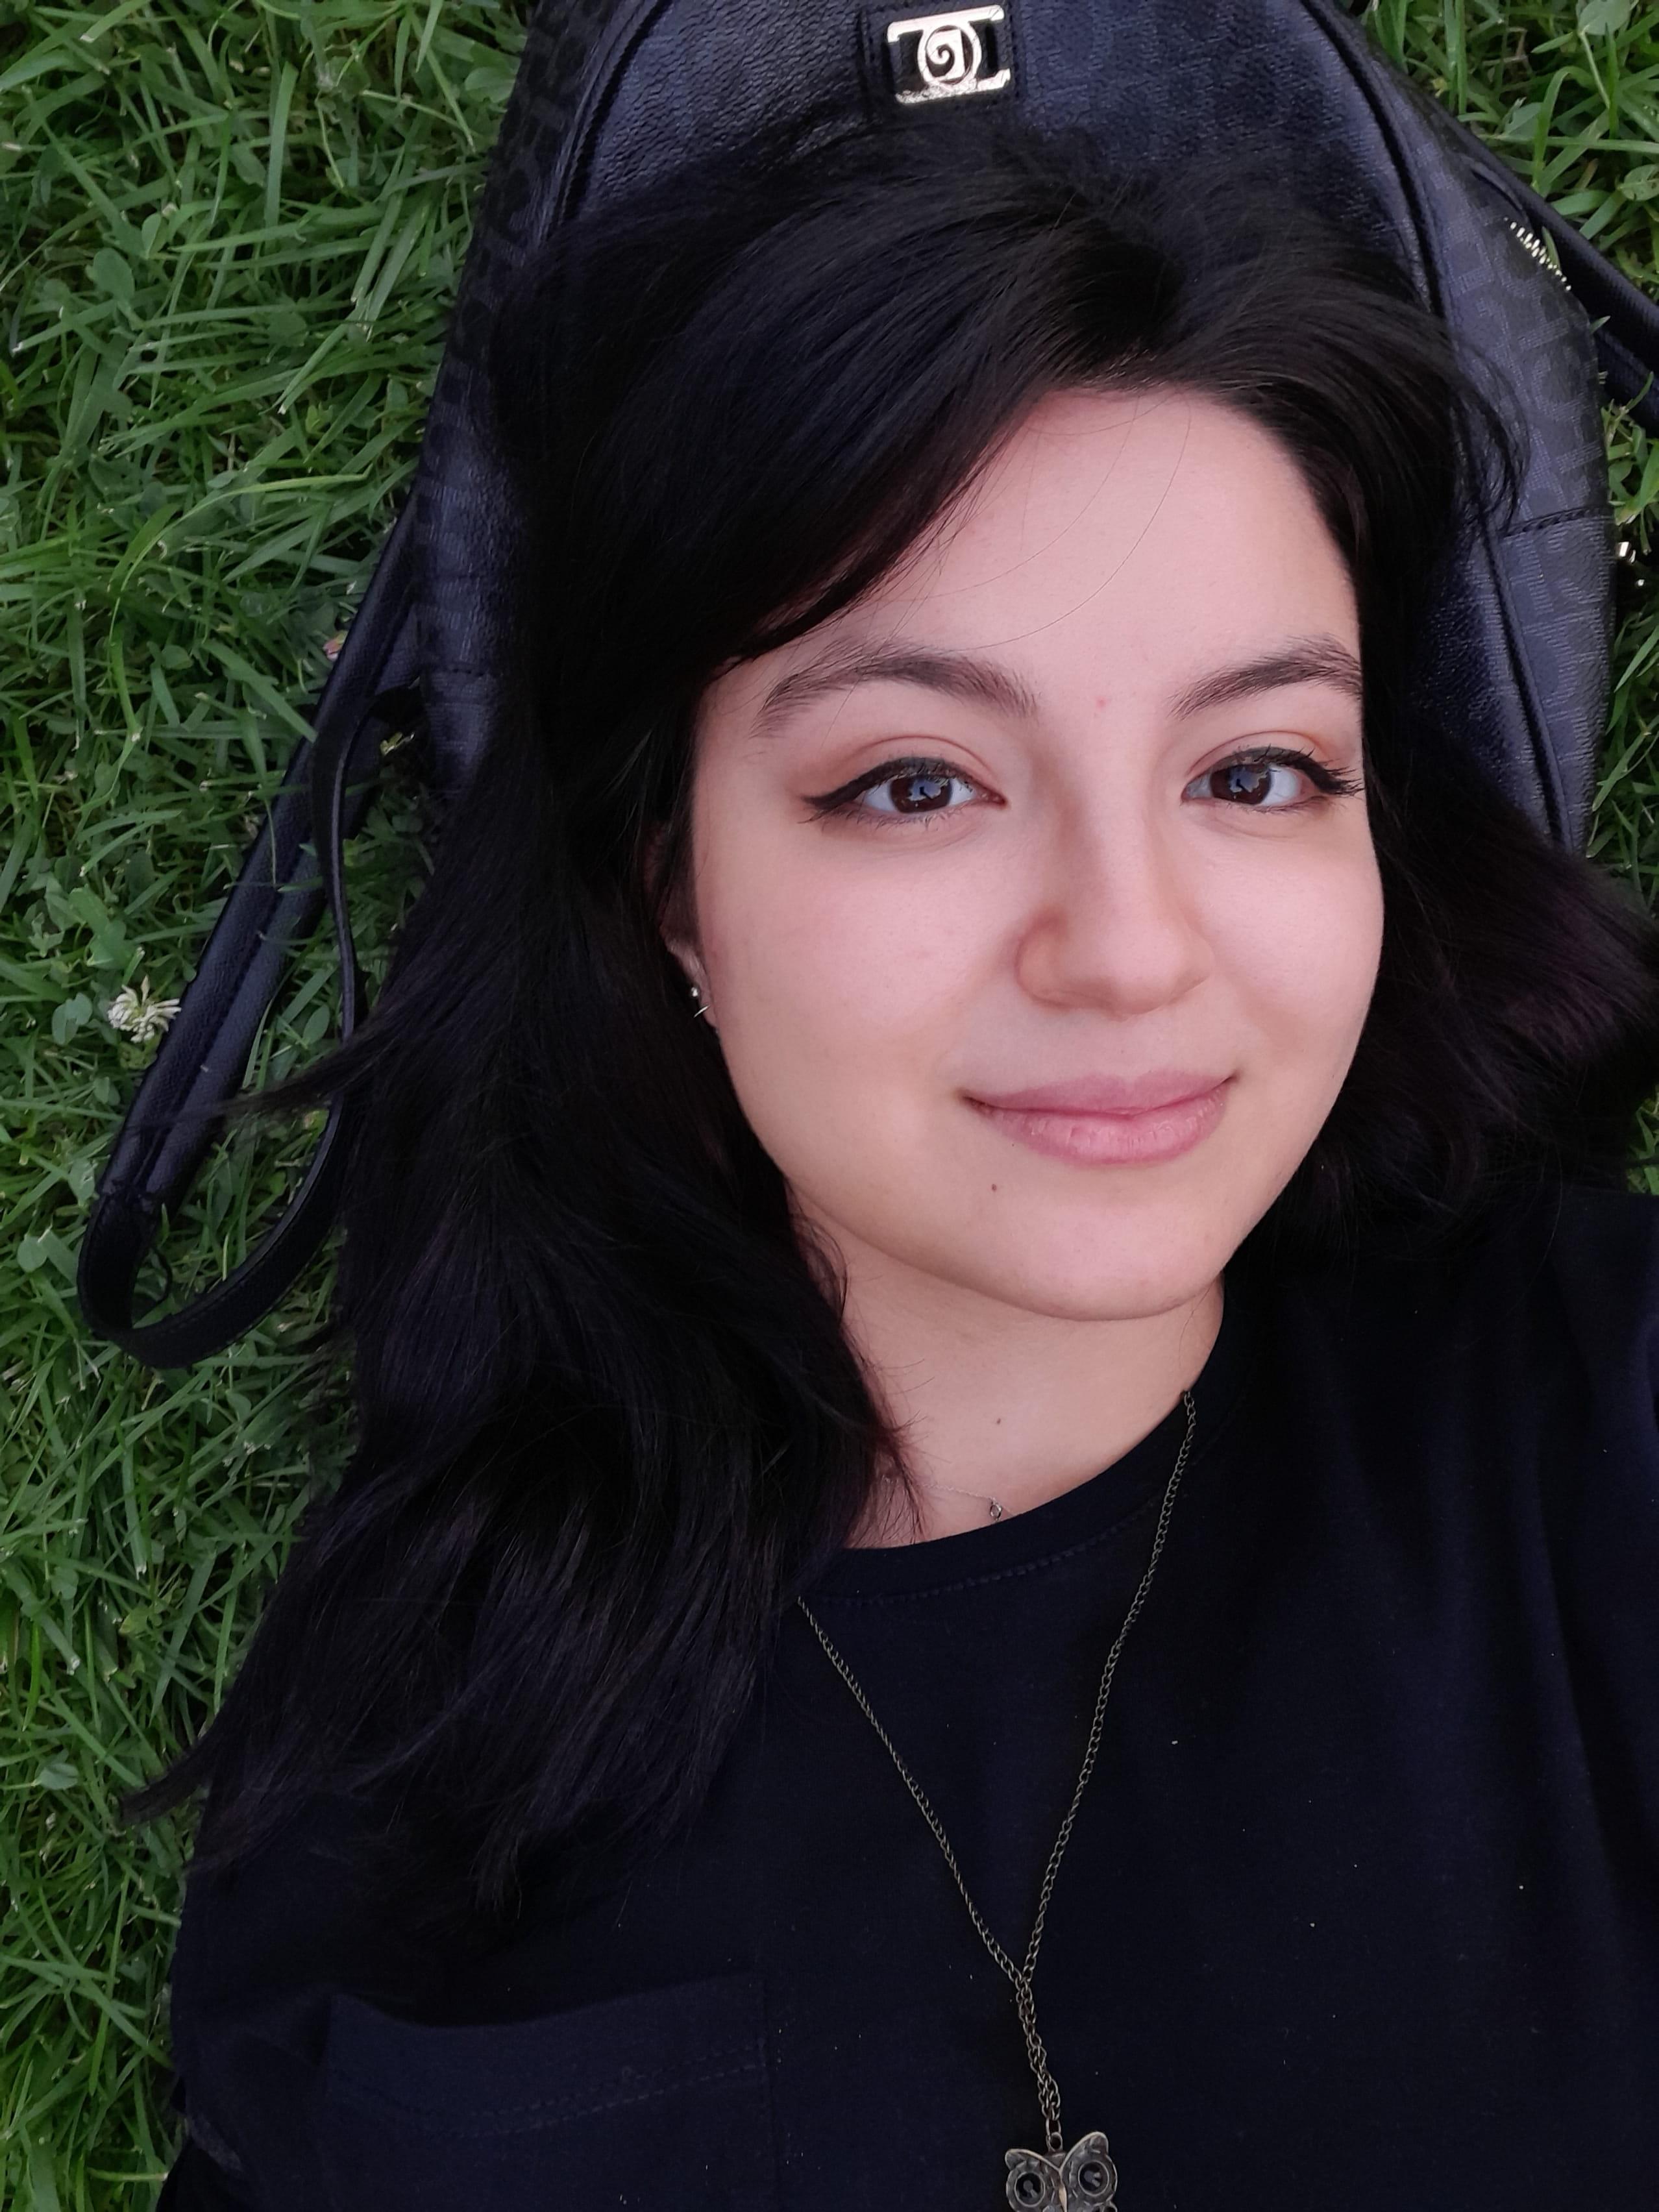 Eylül Beril Aslaner